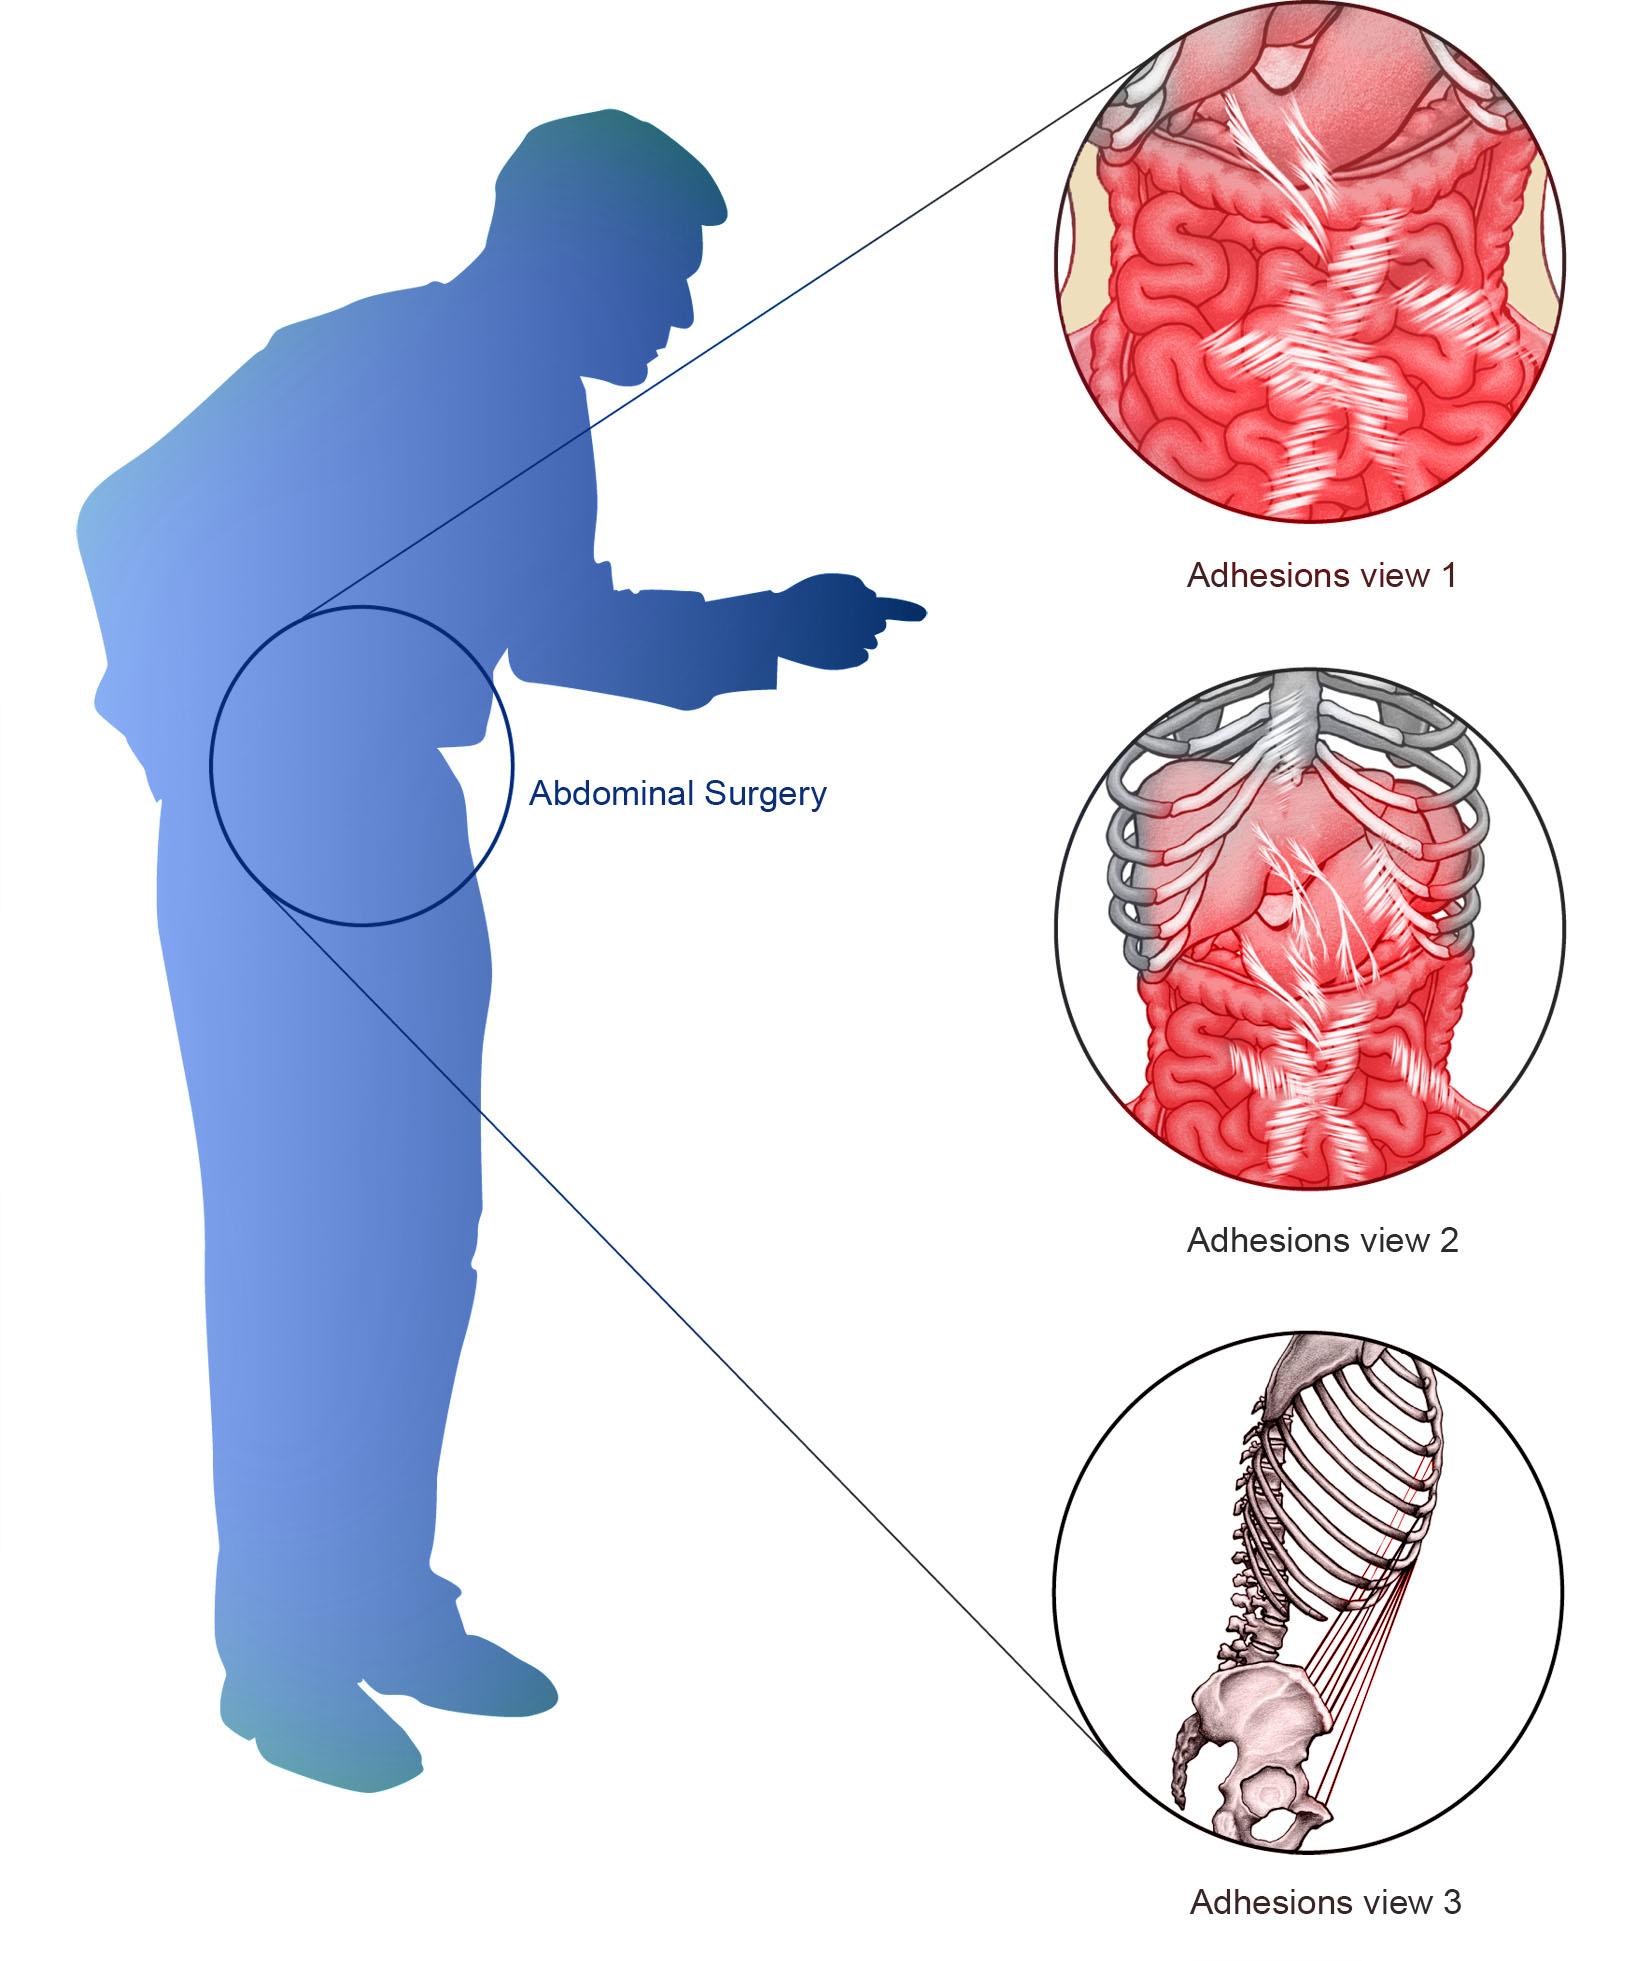 Abdominal Adhesions Adhesions Related Disorder Ard